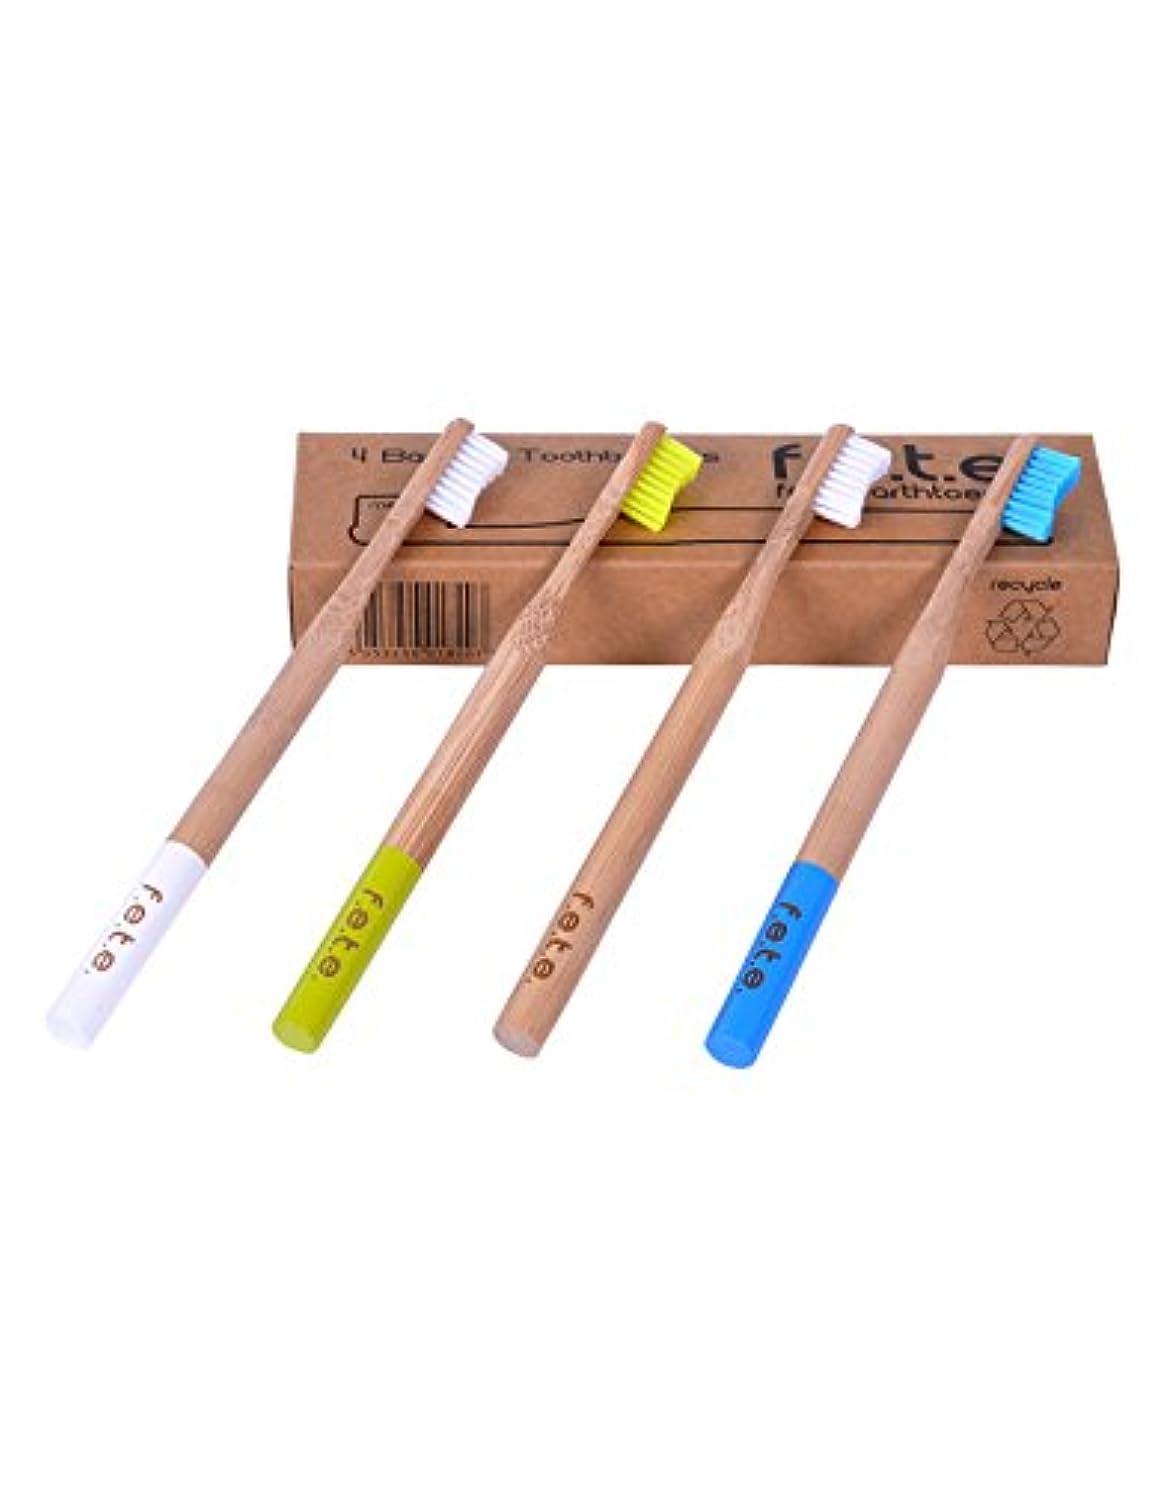 前進システム輪郭Bamboo toothbrush Best Eco-Friendly biodegradable Bamboo Handles and BPA-Free Non-Plastic Nylon Bristles For Natural...